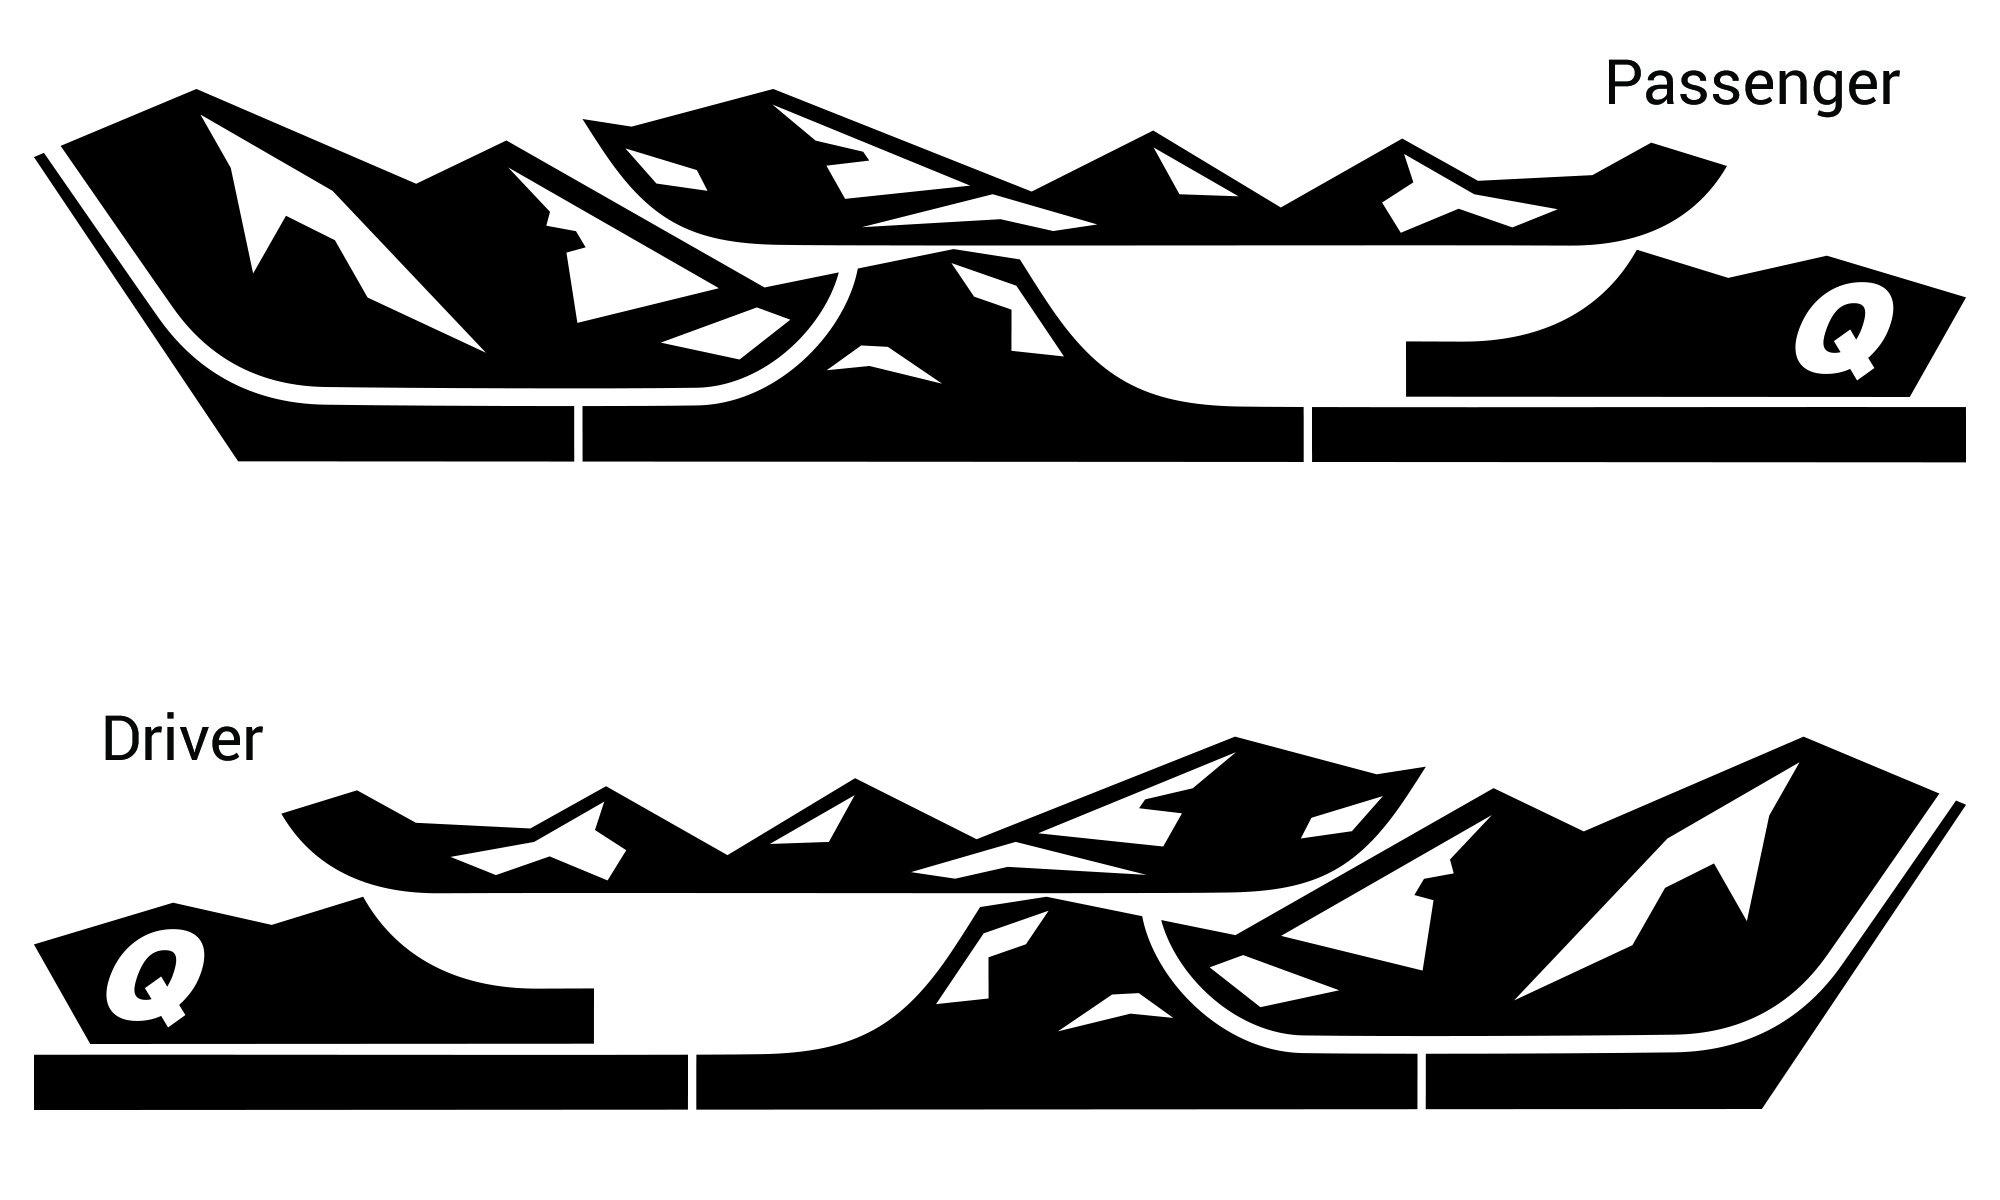 Quadratec Premium Vinyl Rocker Panel Mountain